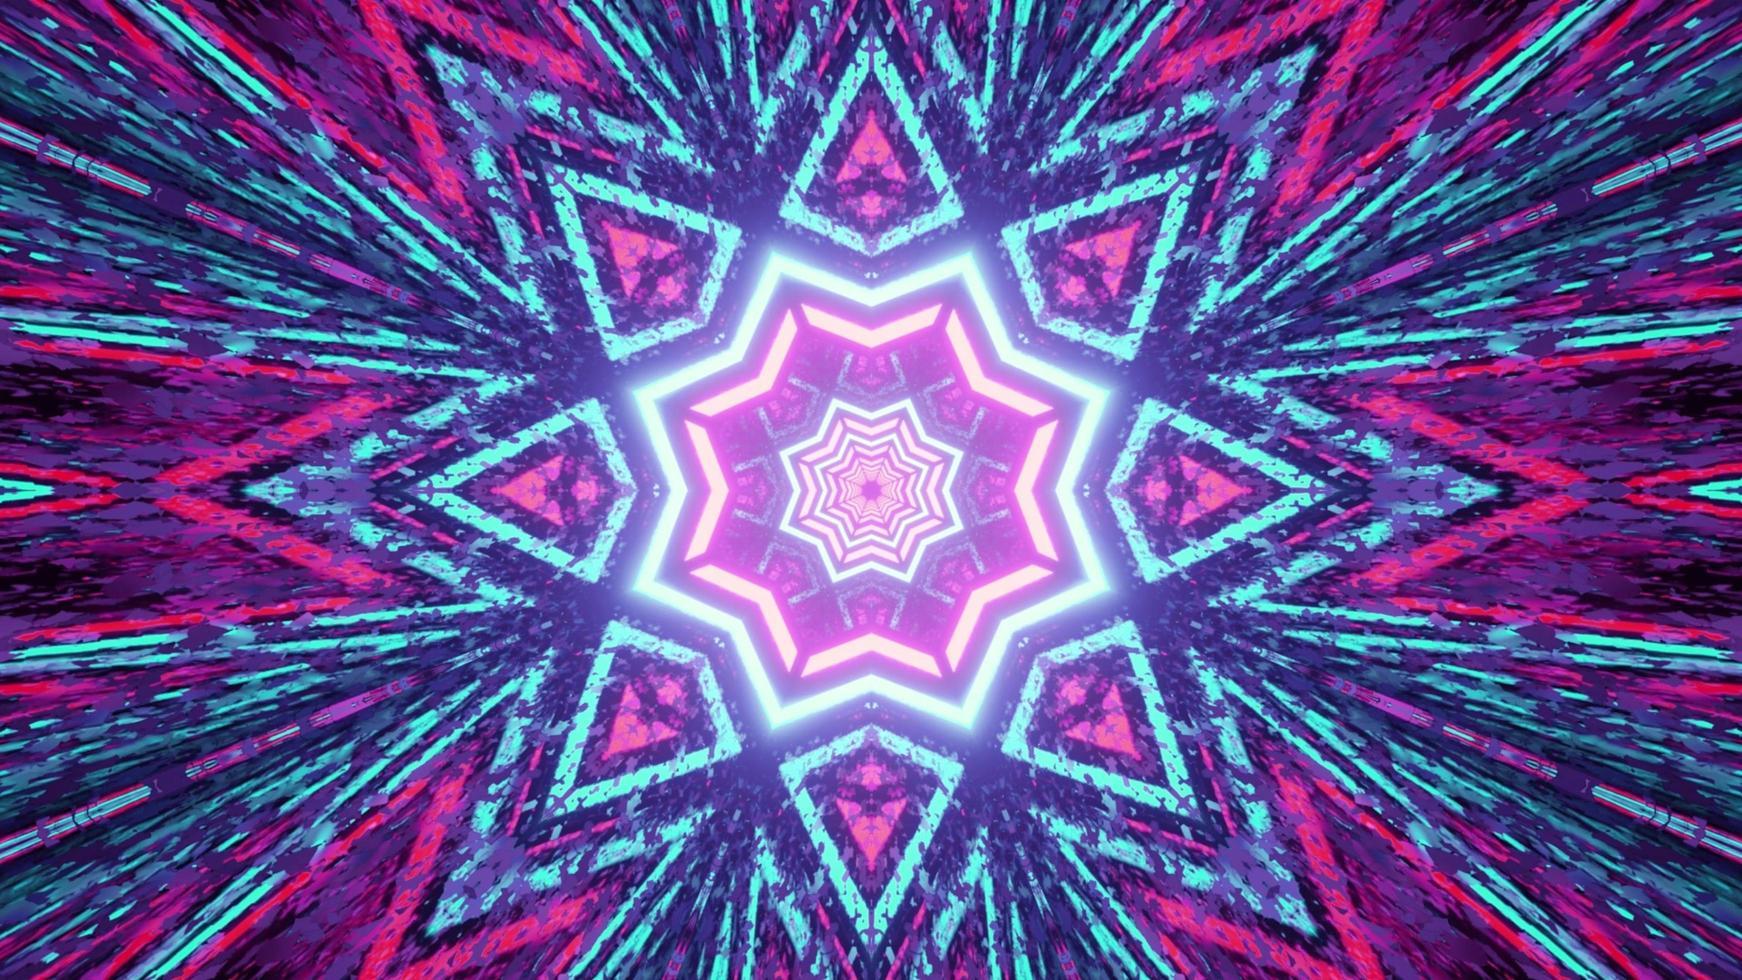 kalejdoskop stjärnformad abstrakt bakgrund 3d illustration foto